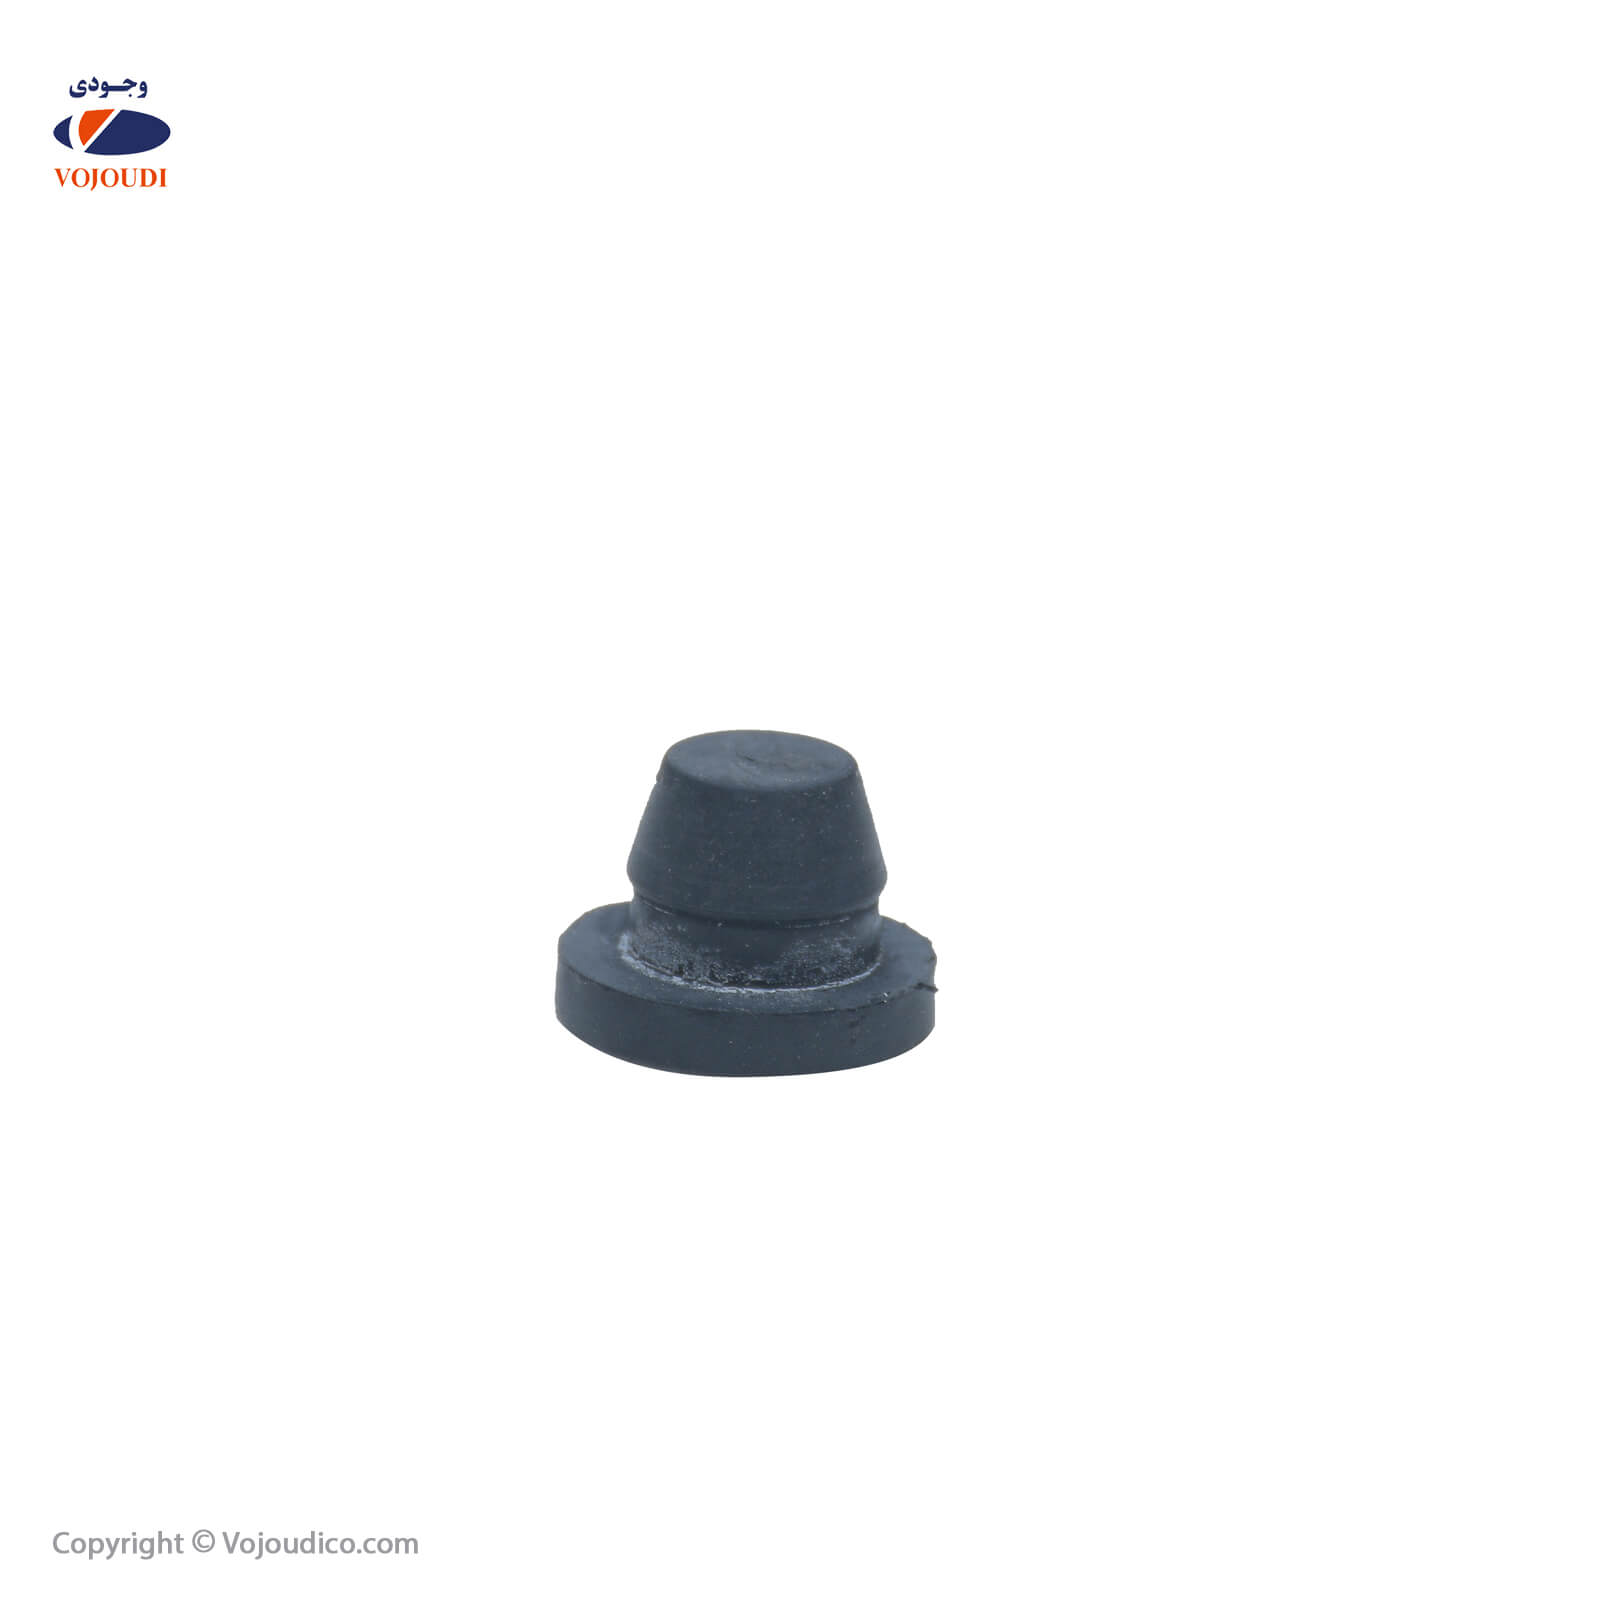 3190 1 - لاستيك زير پايه رادياتور آب وجودی کد 3190 مناسب برای 405 ، تعداد بسته : 150 عدد